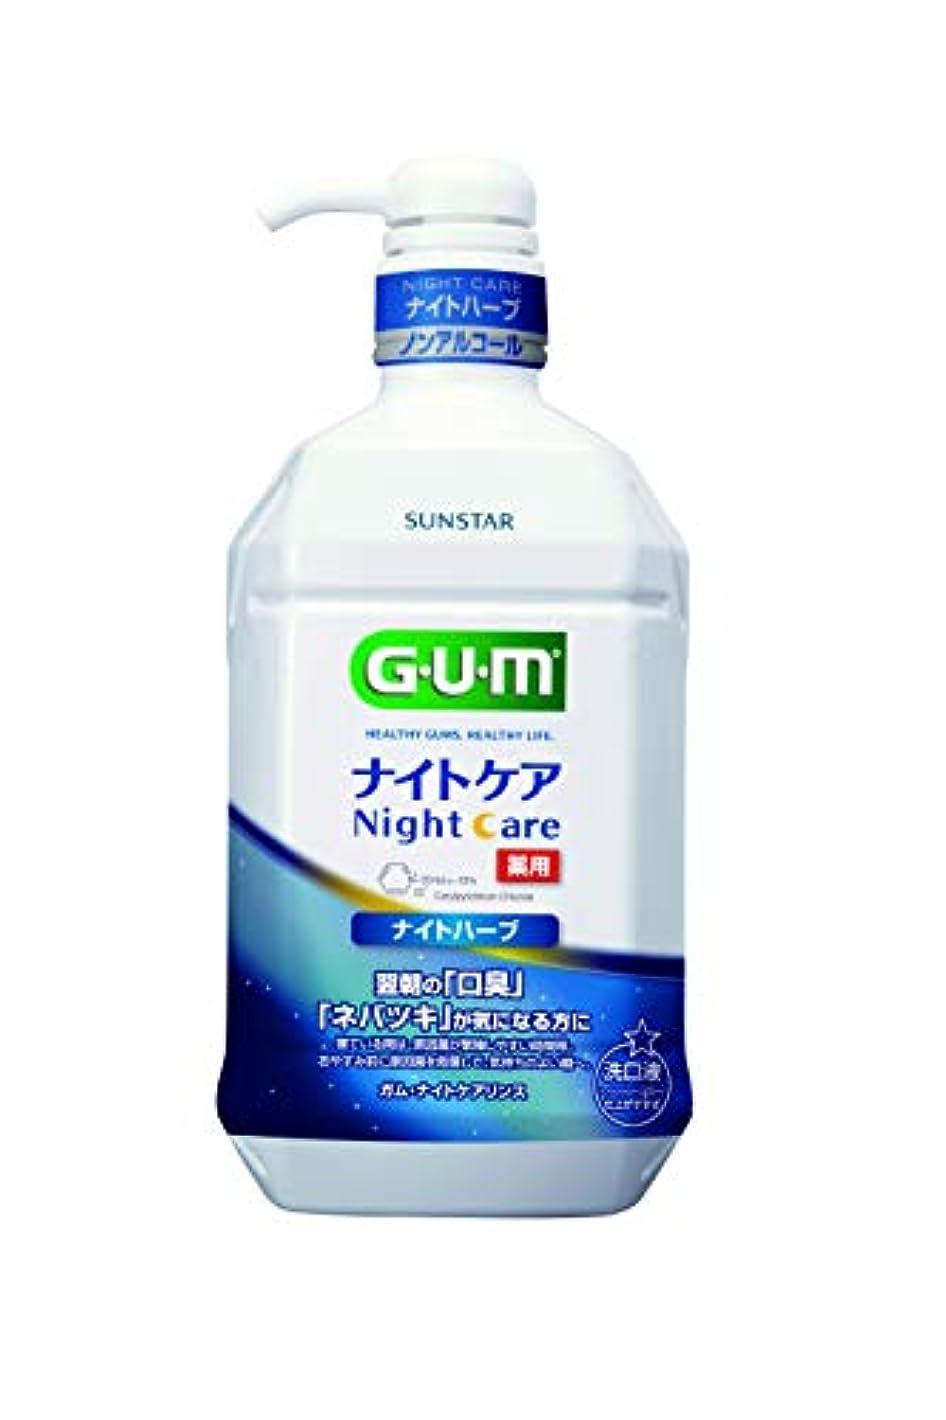 緊急反逆者巧みな(医薬部外品) GUM(ガム) マウスウォッシュ ナイトケア 薬用洗口液(ナイトハーブタイプ)900mL